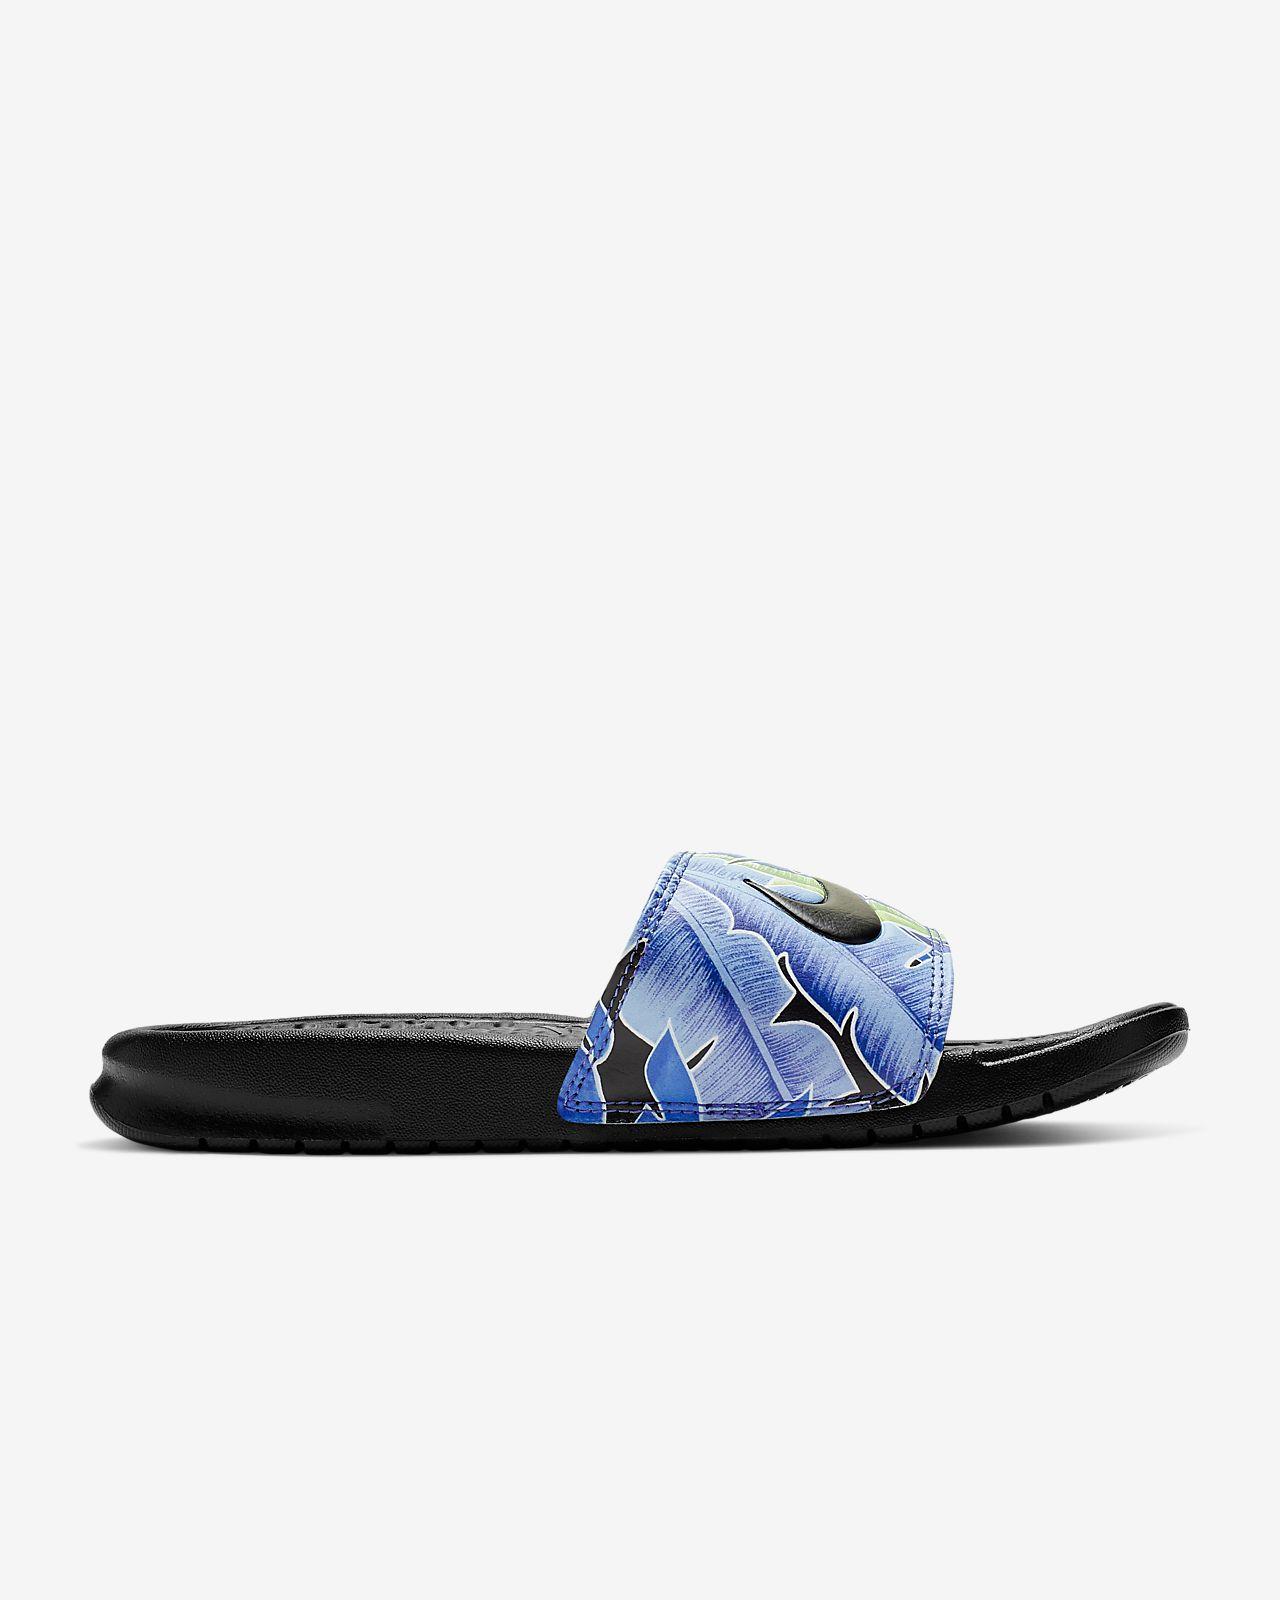 outlet store 6af09 af970 ... Nike Benassi JDI Floral Women s Slide